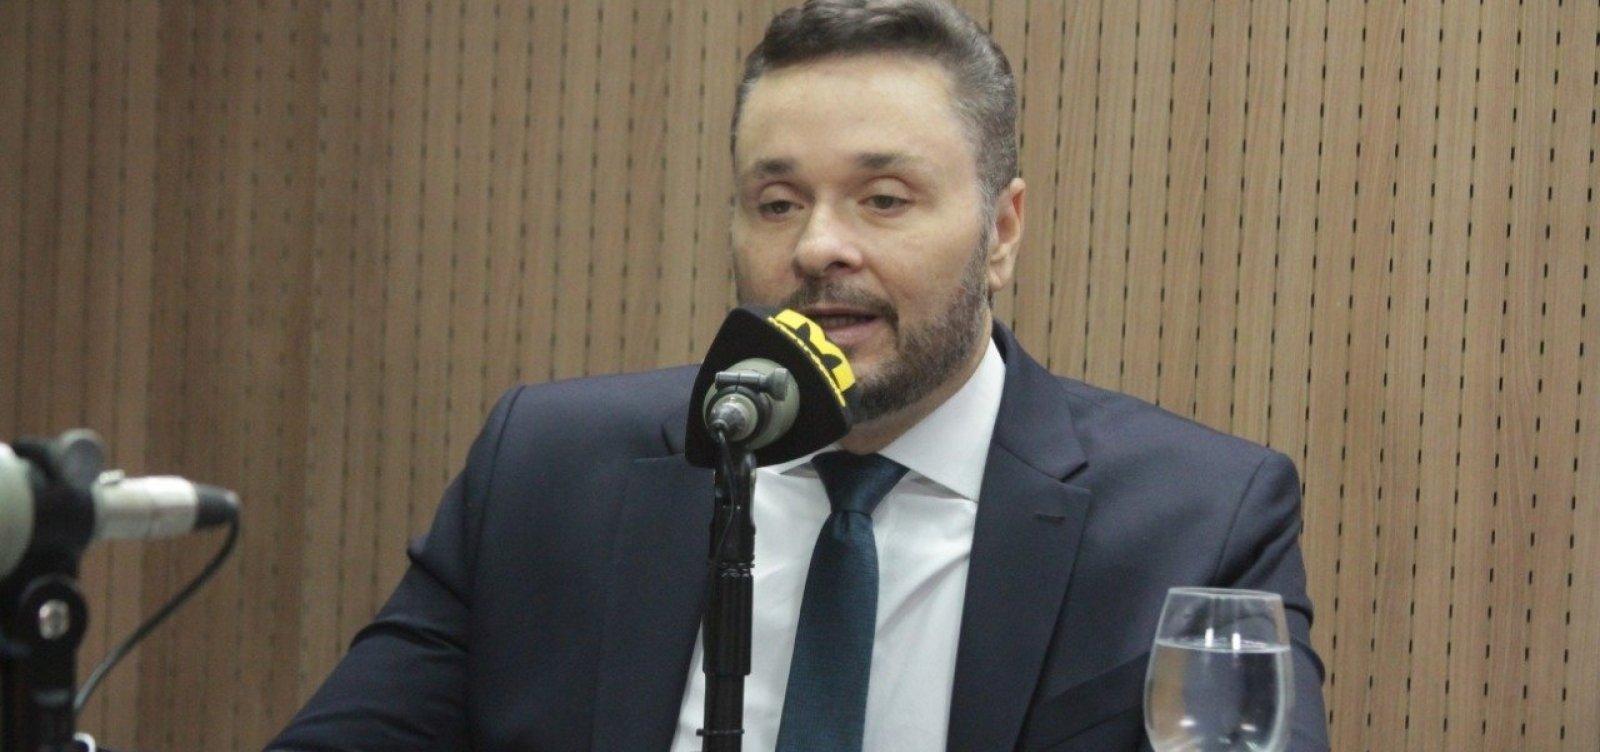 Manoel Vitório diz que Estado 'não tem condição nenhuma' de dar reajuste a servidores